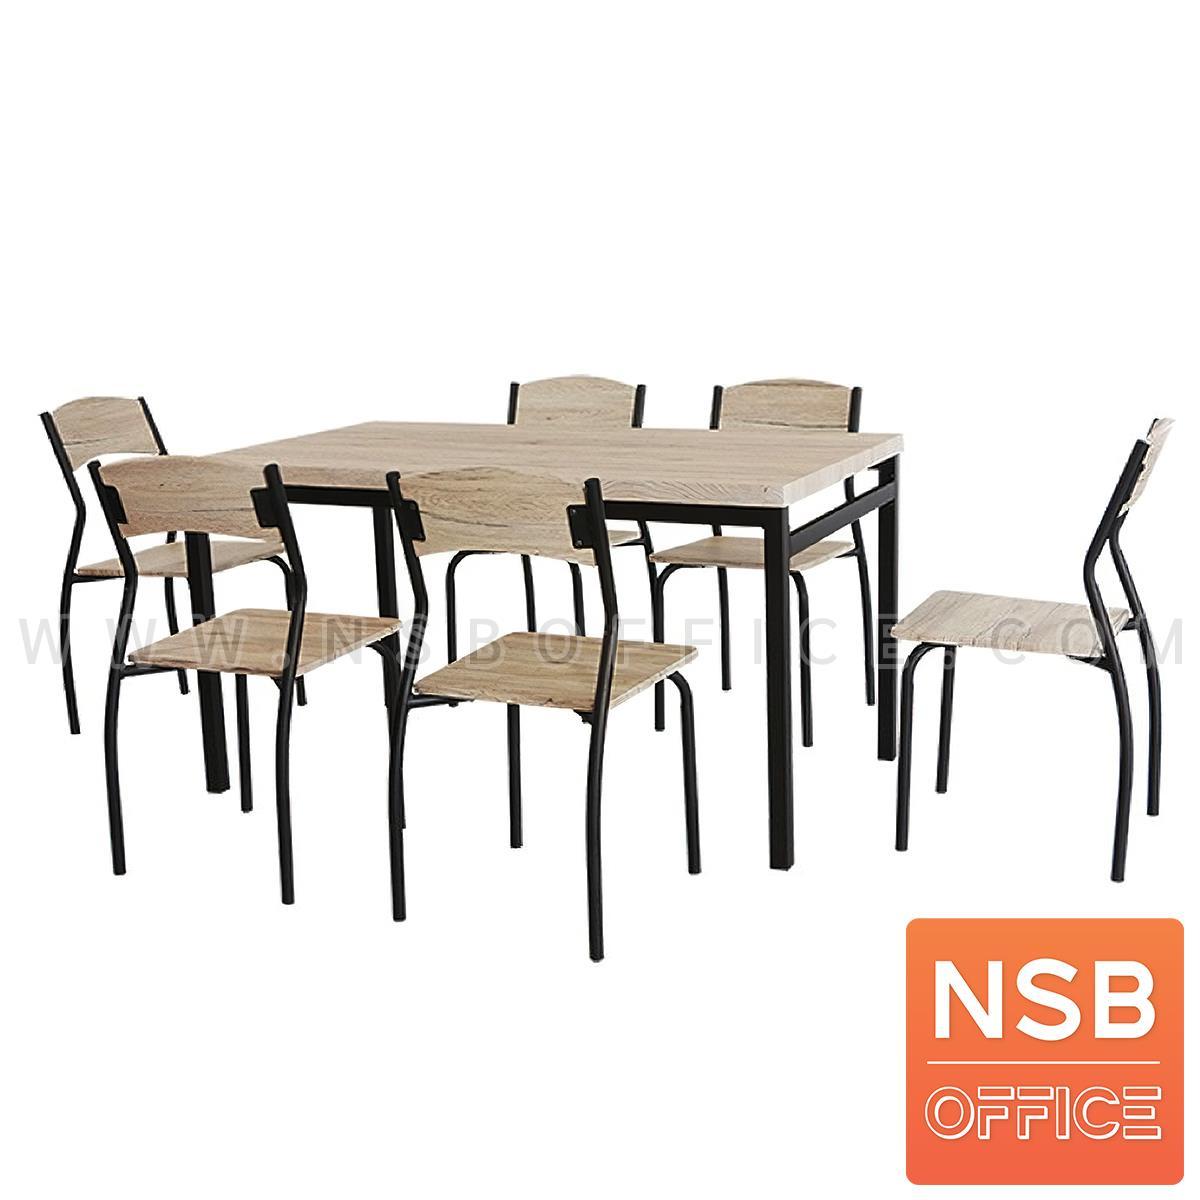 G14A239:ชุดโต๊ะรับประทานอาหาร 6 ที่นั่ง รุ่น Uni (ยูนิ) ขนาด 140W cm. พร้อมเก้าอี้